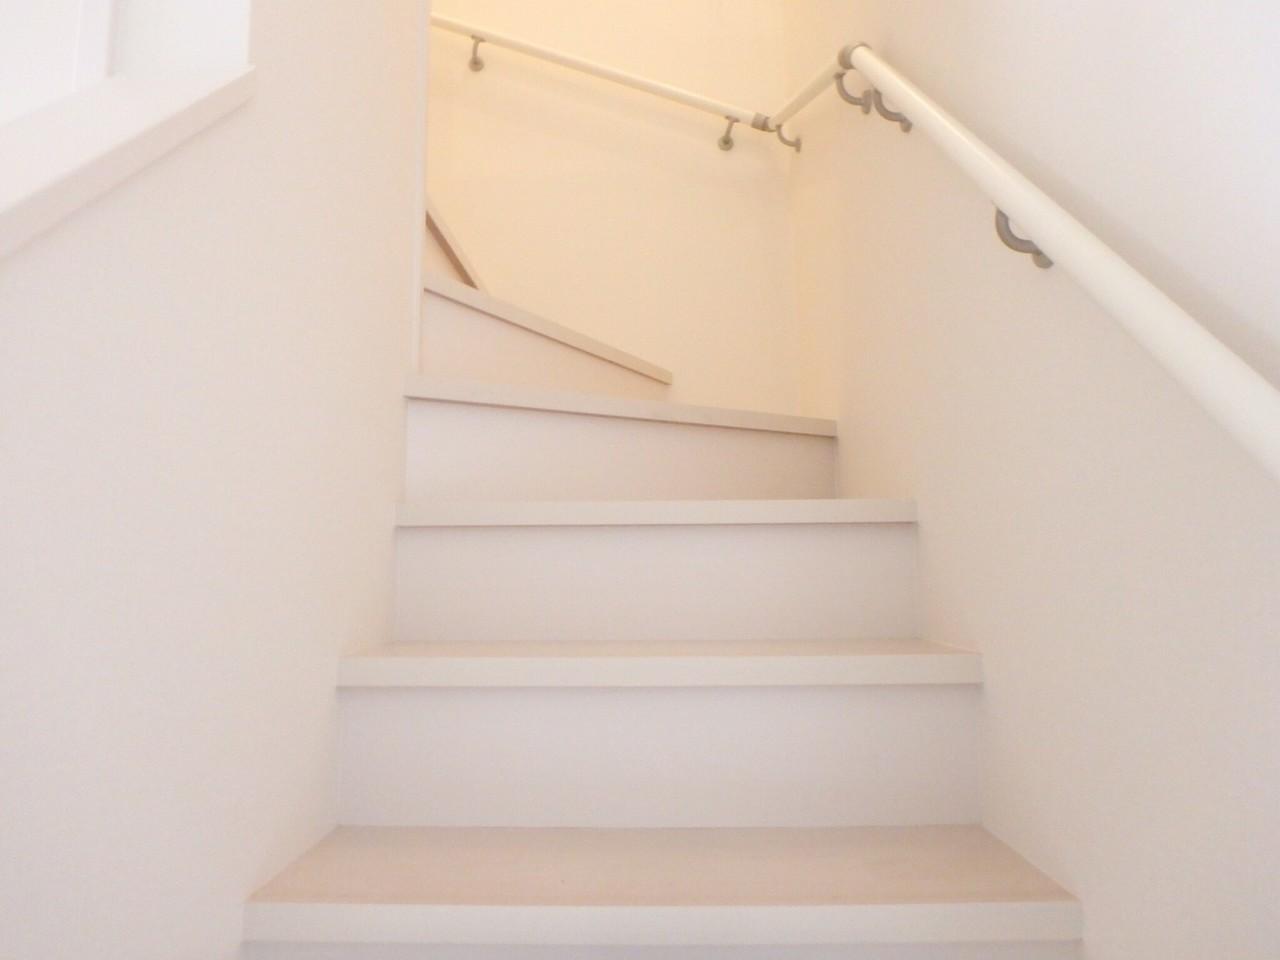 階段は手すり付きですので毎日の上り下りも安心です。